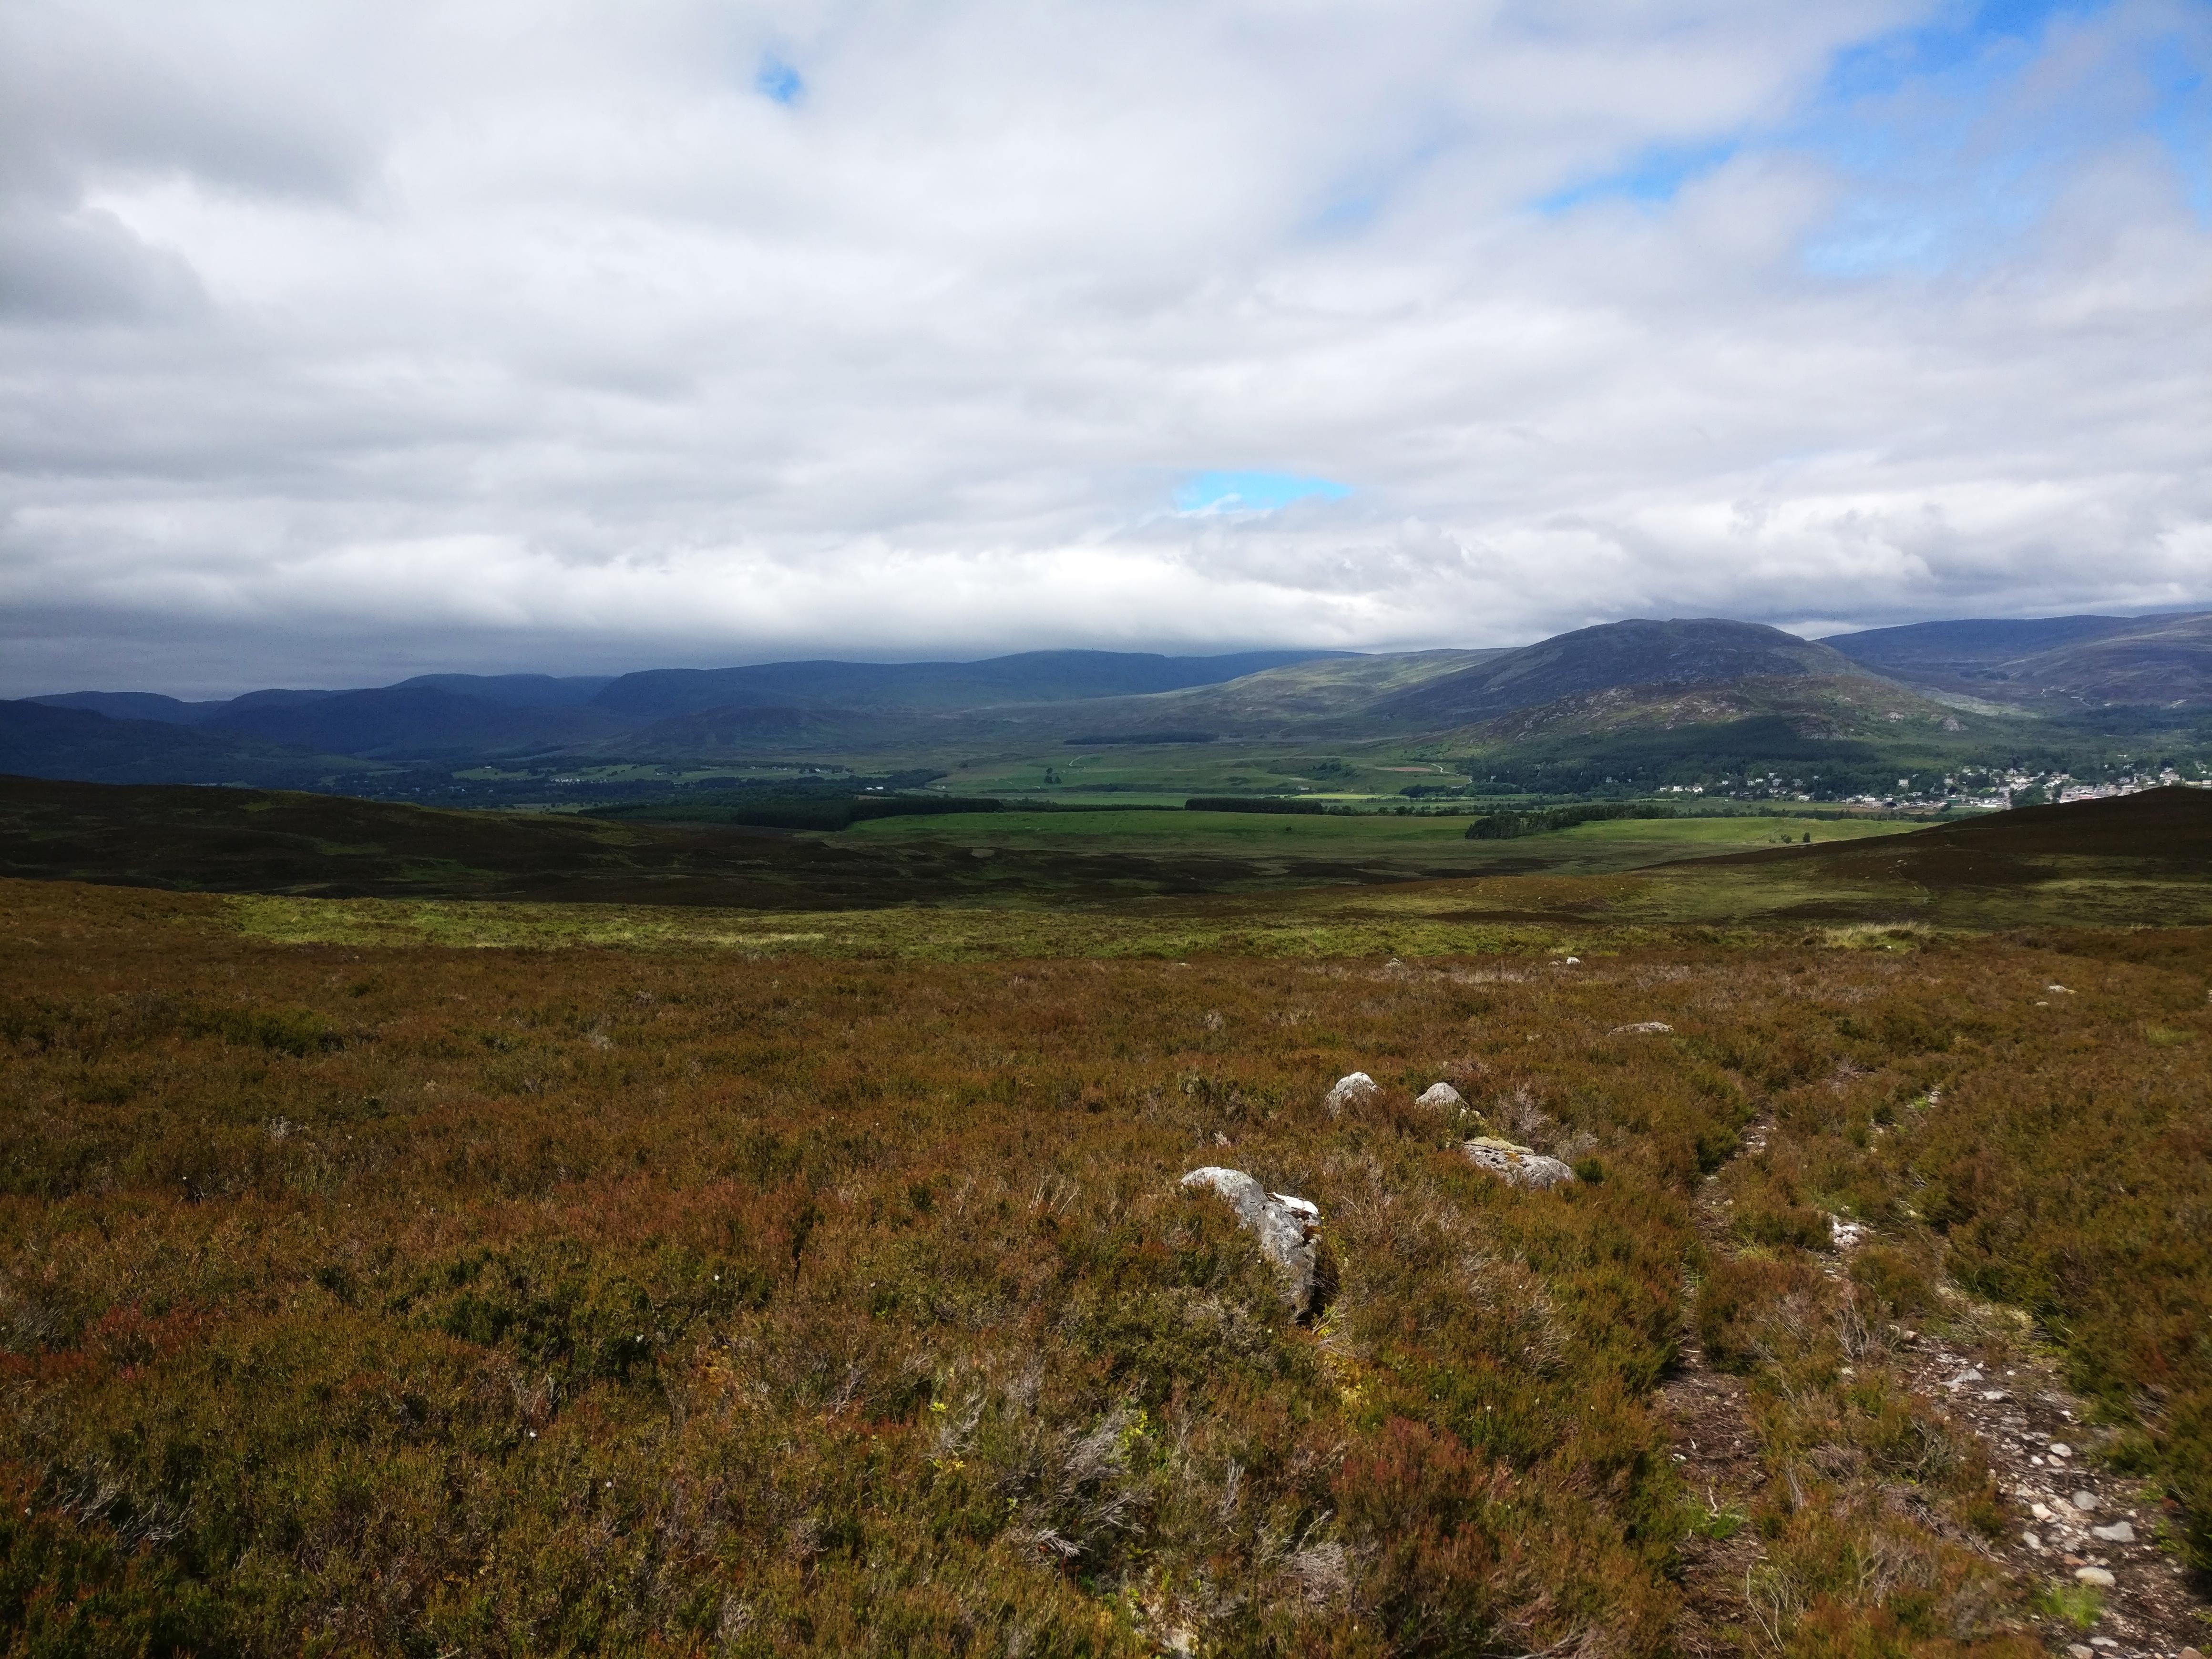 Vandretur i Kingussie, Cairngorm National Park, Skotland